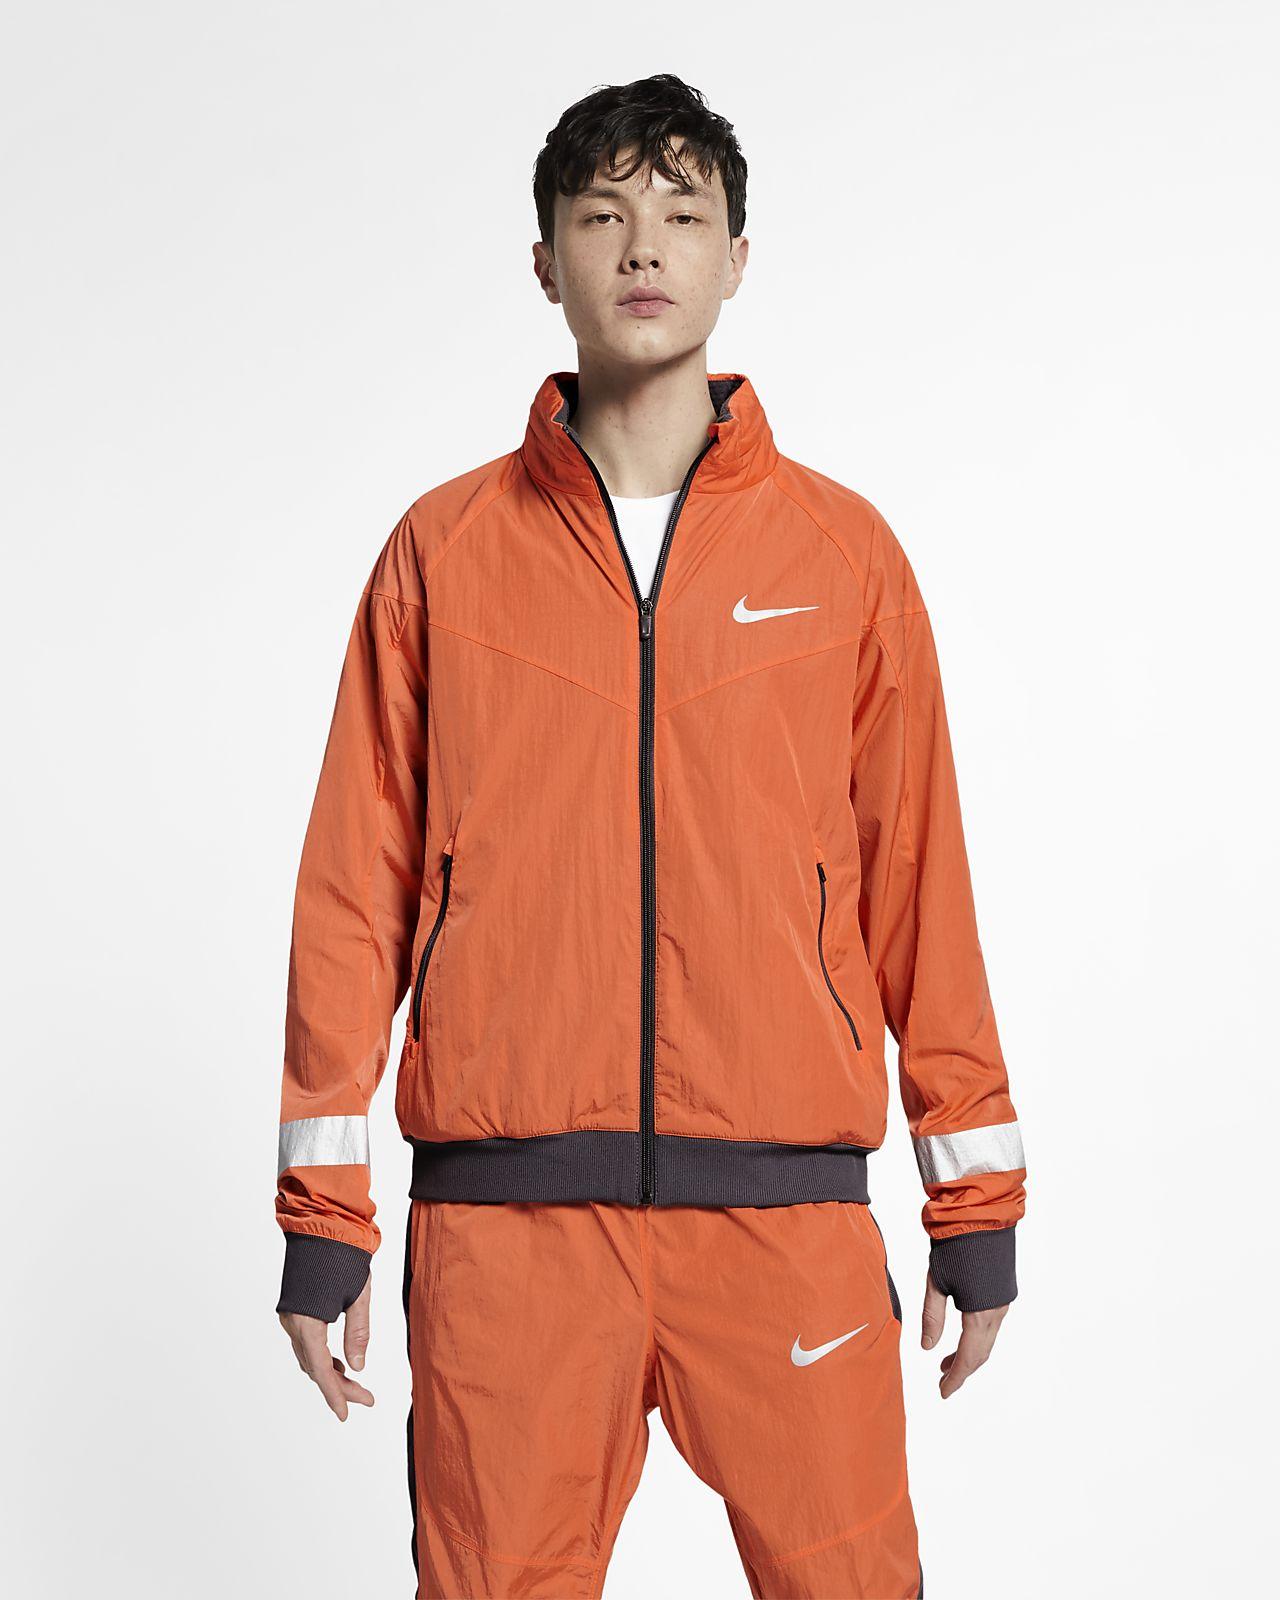 Мужская беговая куртка Nike Sphere